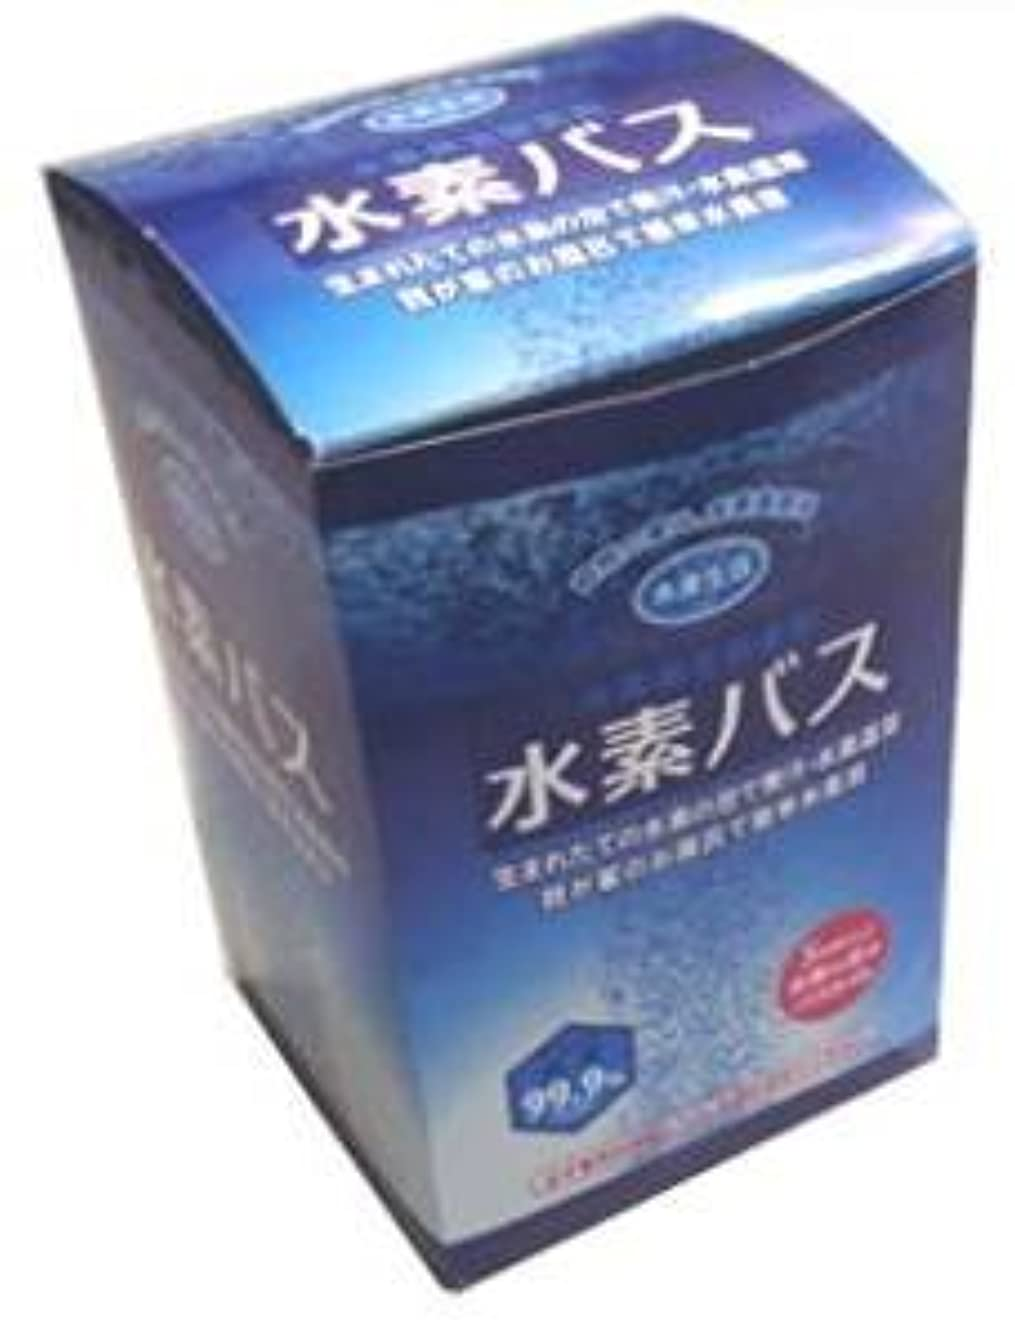 神話目指す壮大なドリームマックス 水素バス 水素剤 30袋<(25g×10袋入)×3箱?専用ケースなし>